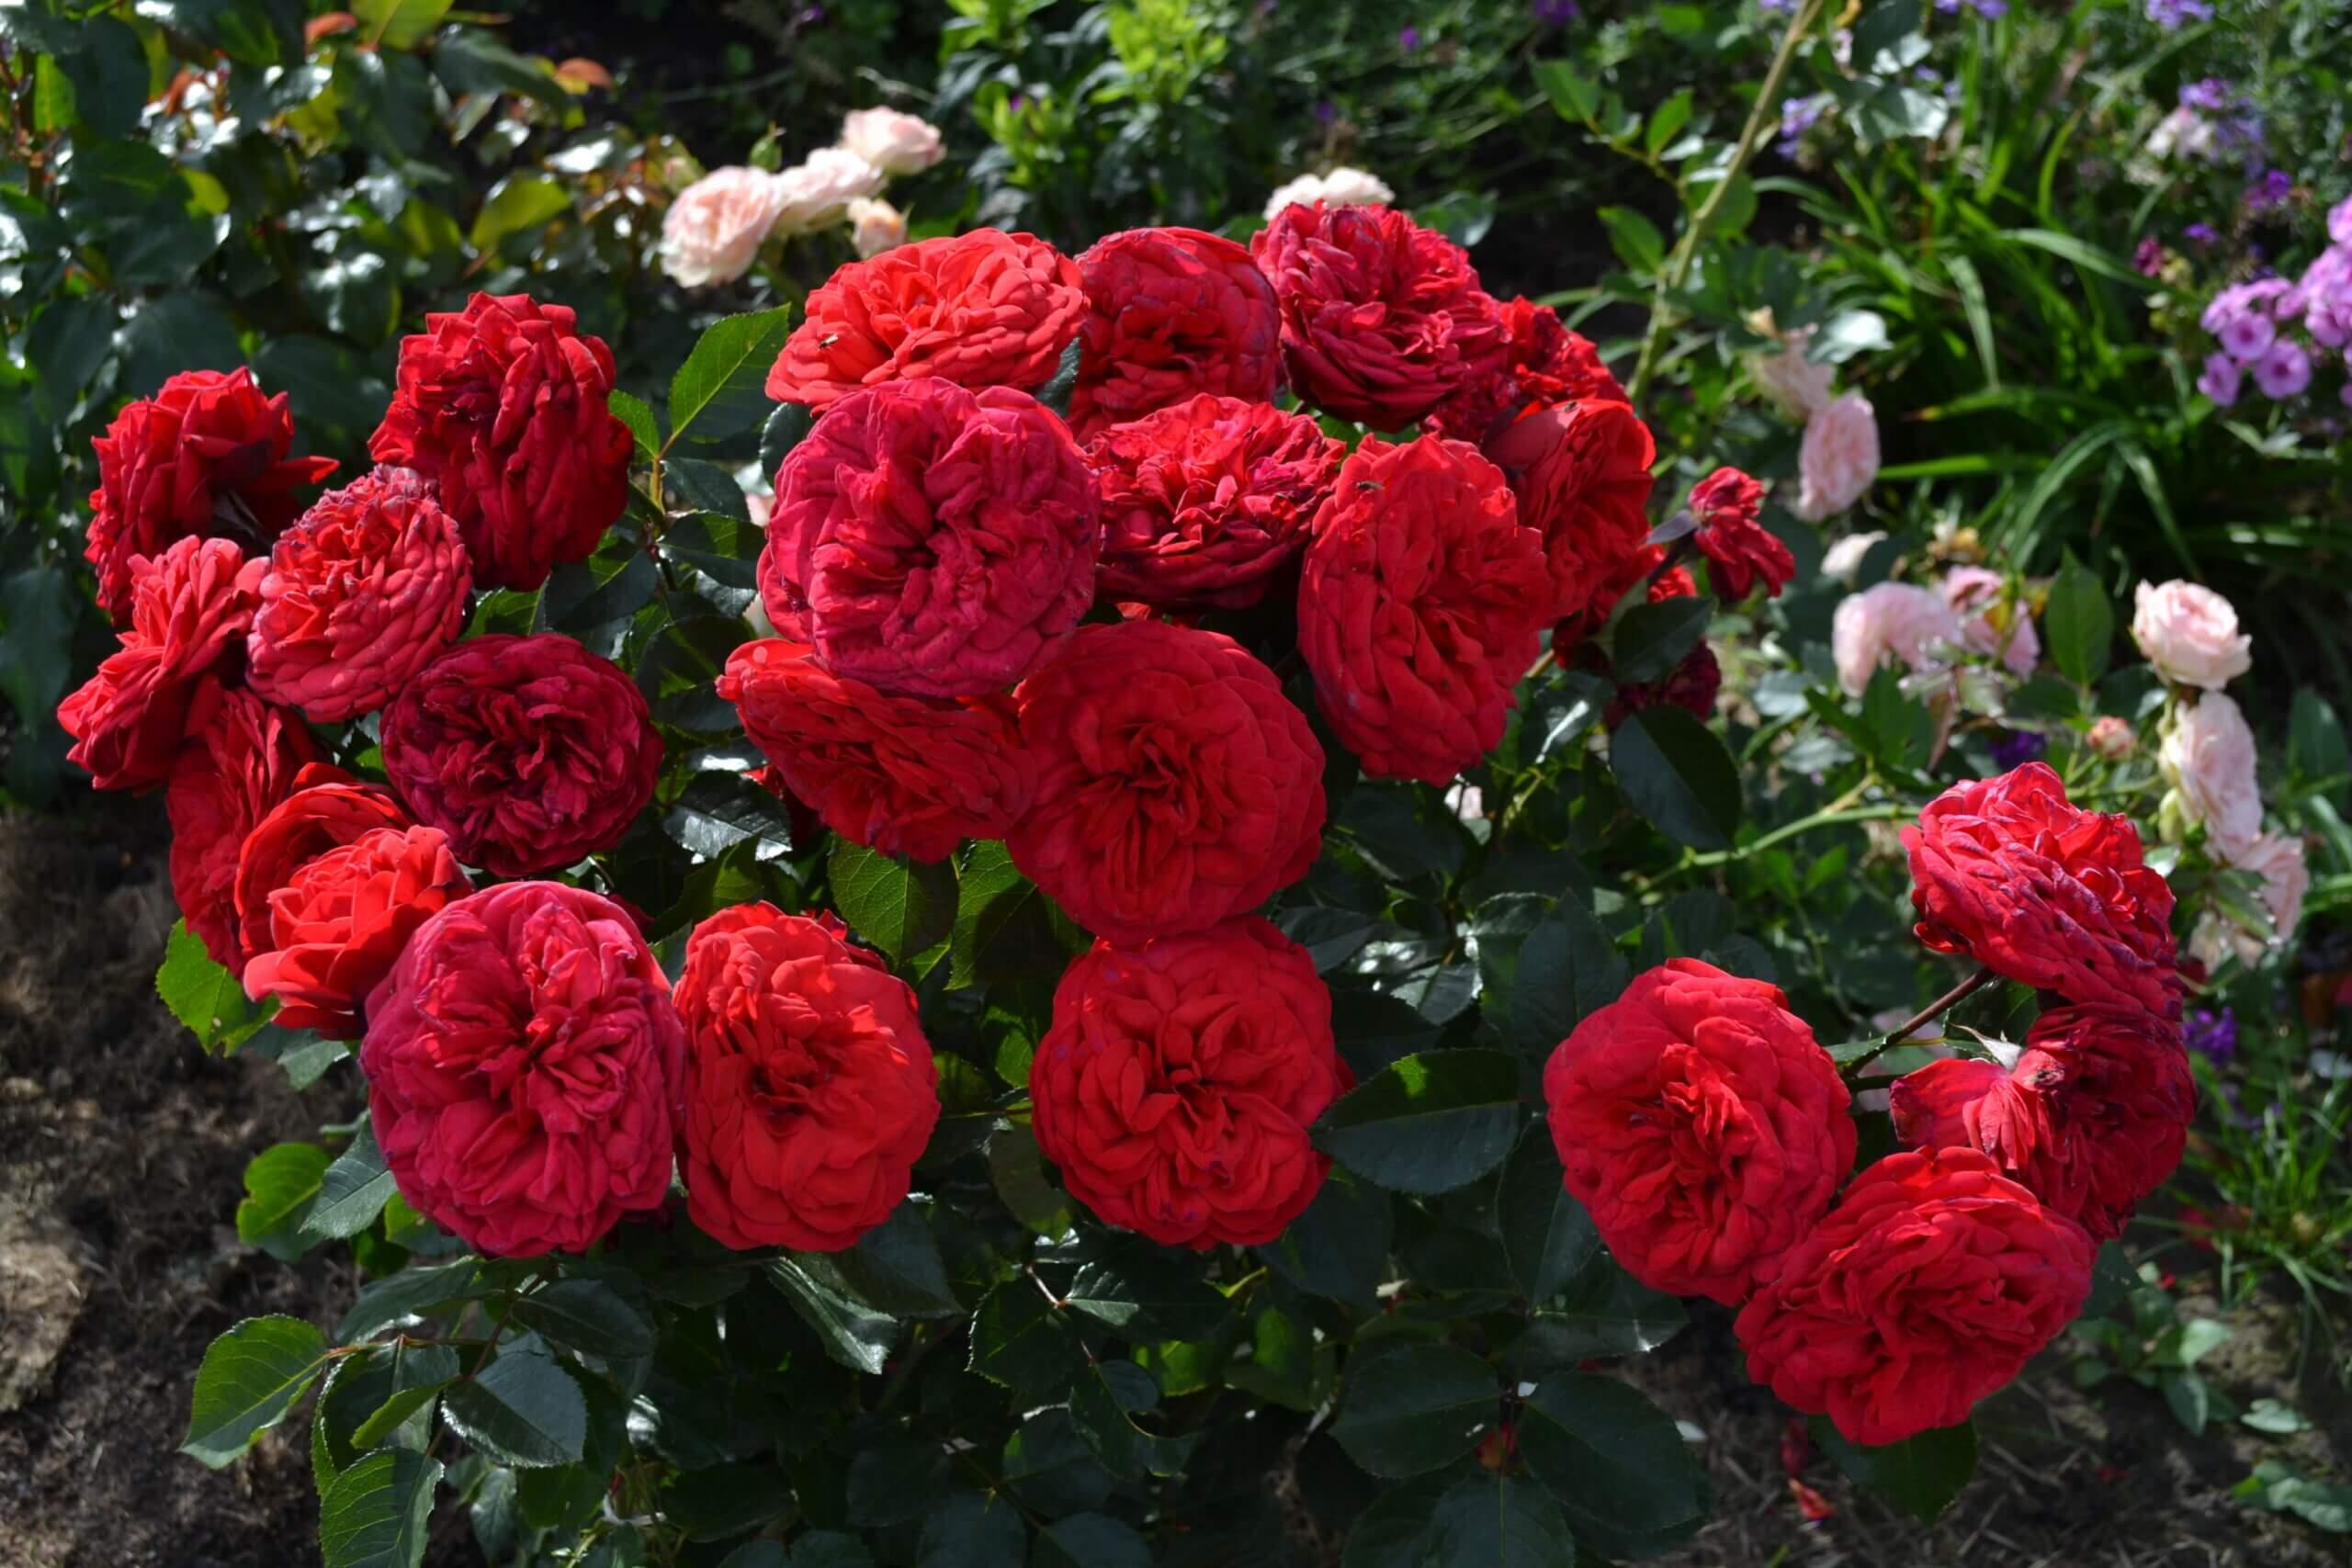 Piano - чайно-гибридная пионовидная роза насыщенного красного цвета от Tantau